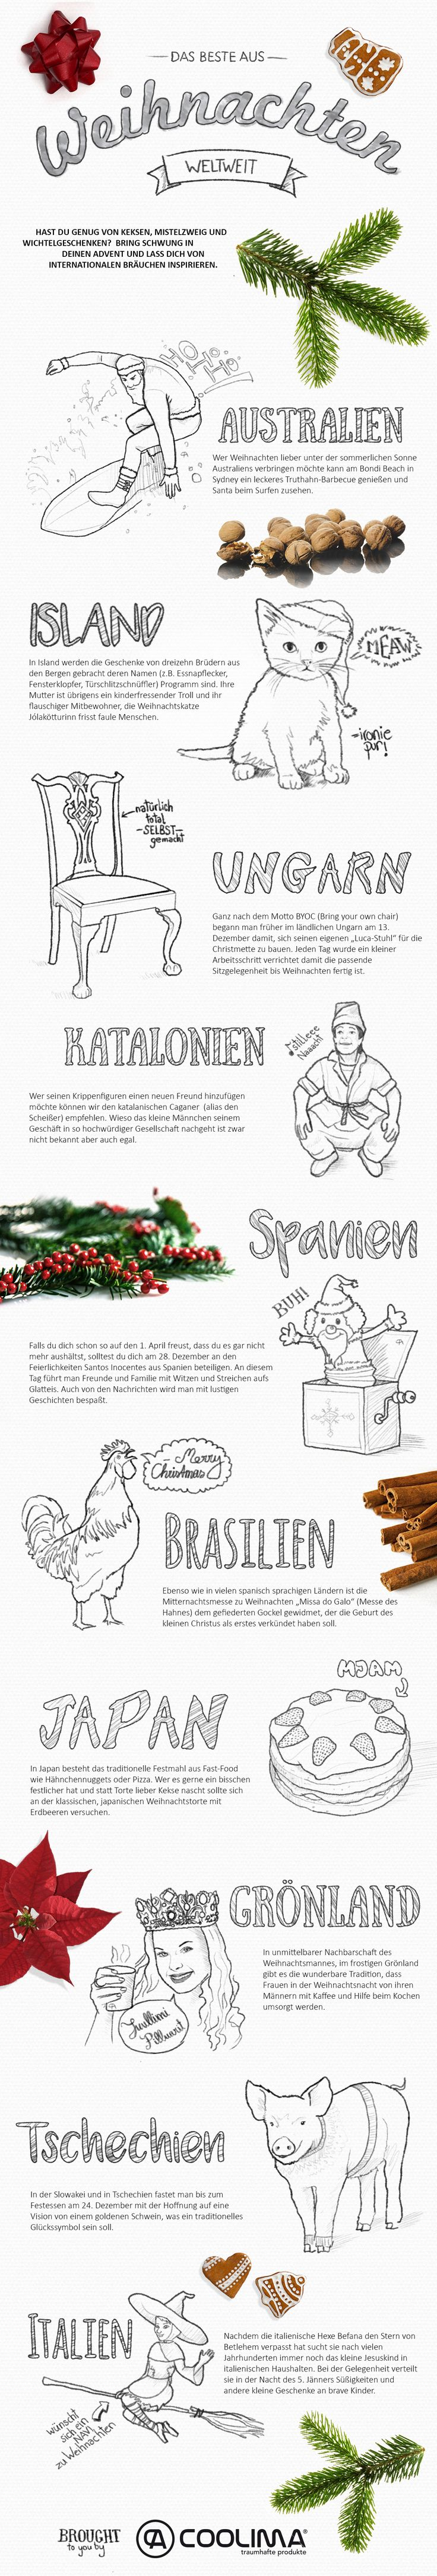 Weihnachten Weltweit! Entdecke spannende Bräuche aus anderen Ländern mit unserer Infografik!